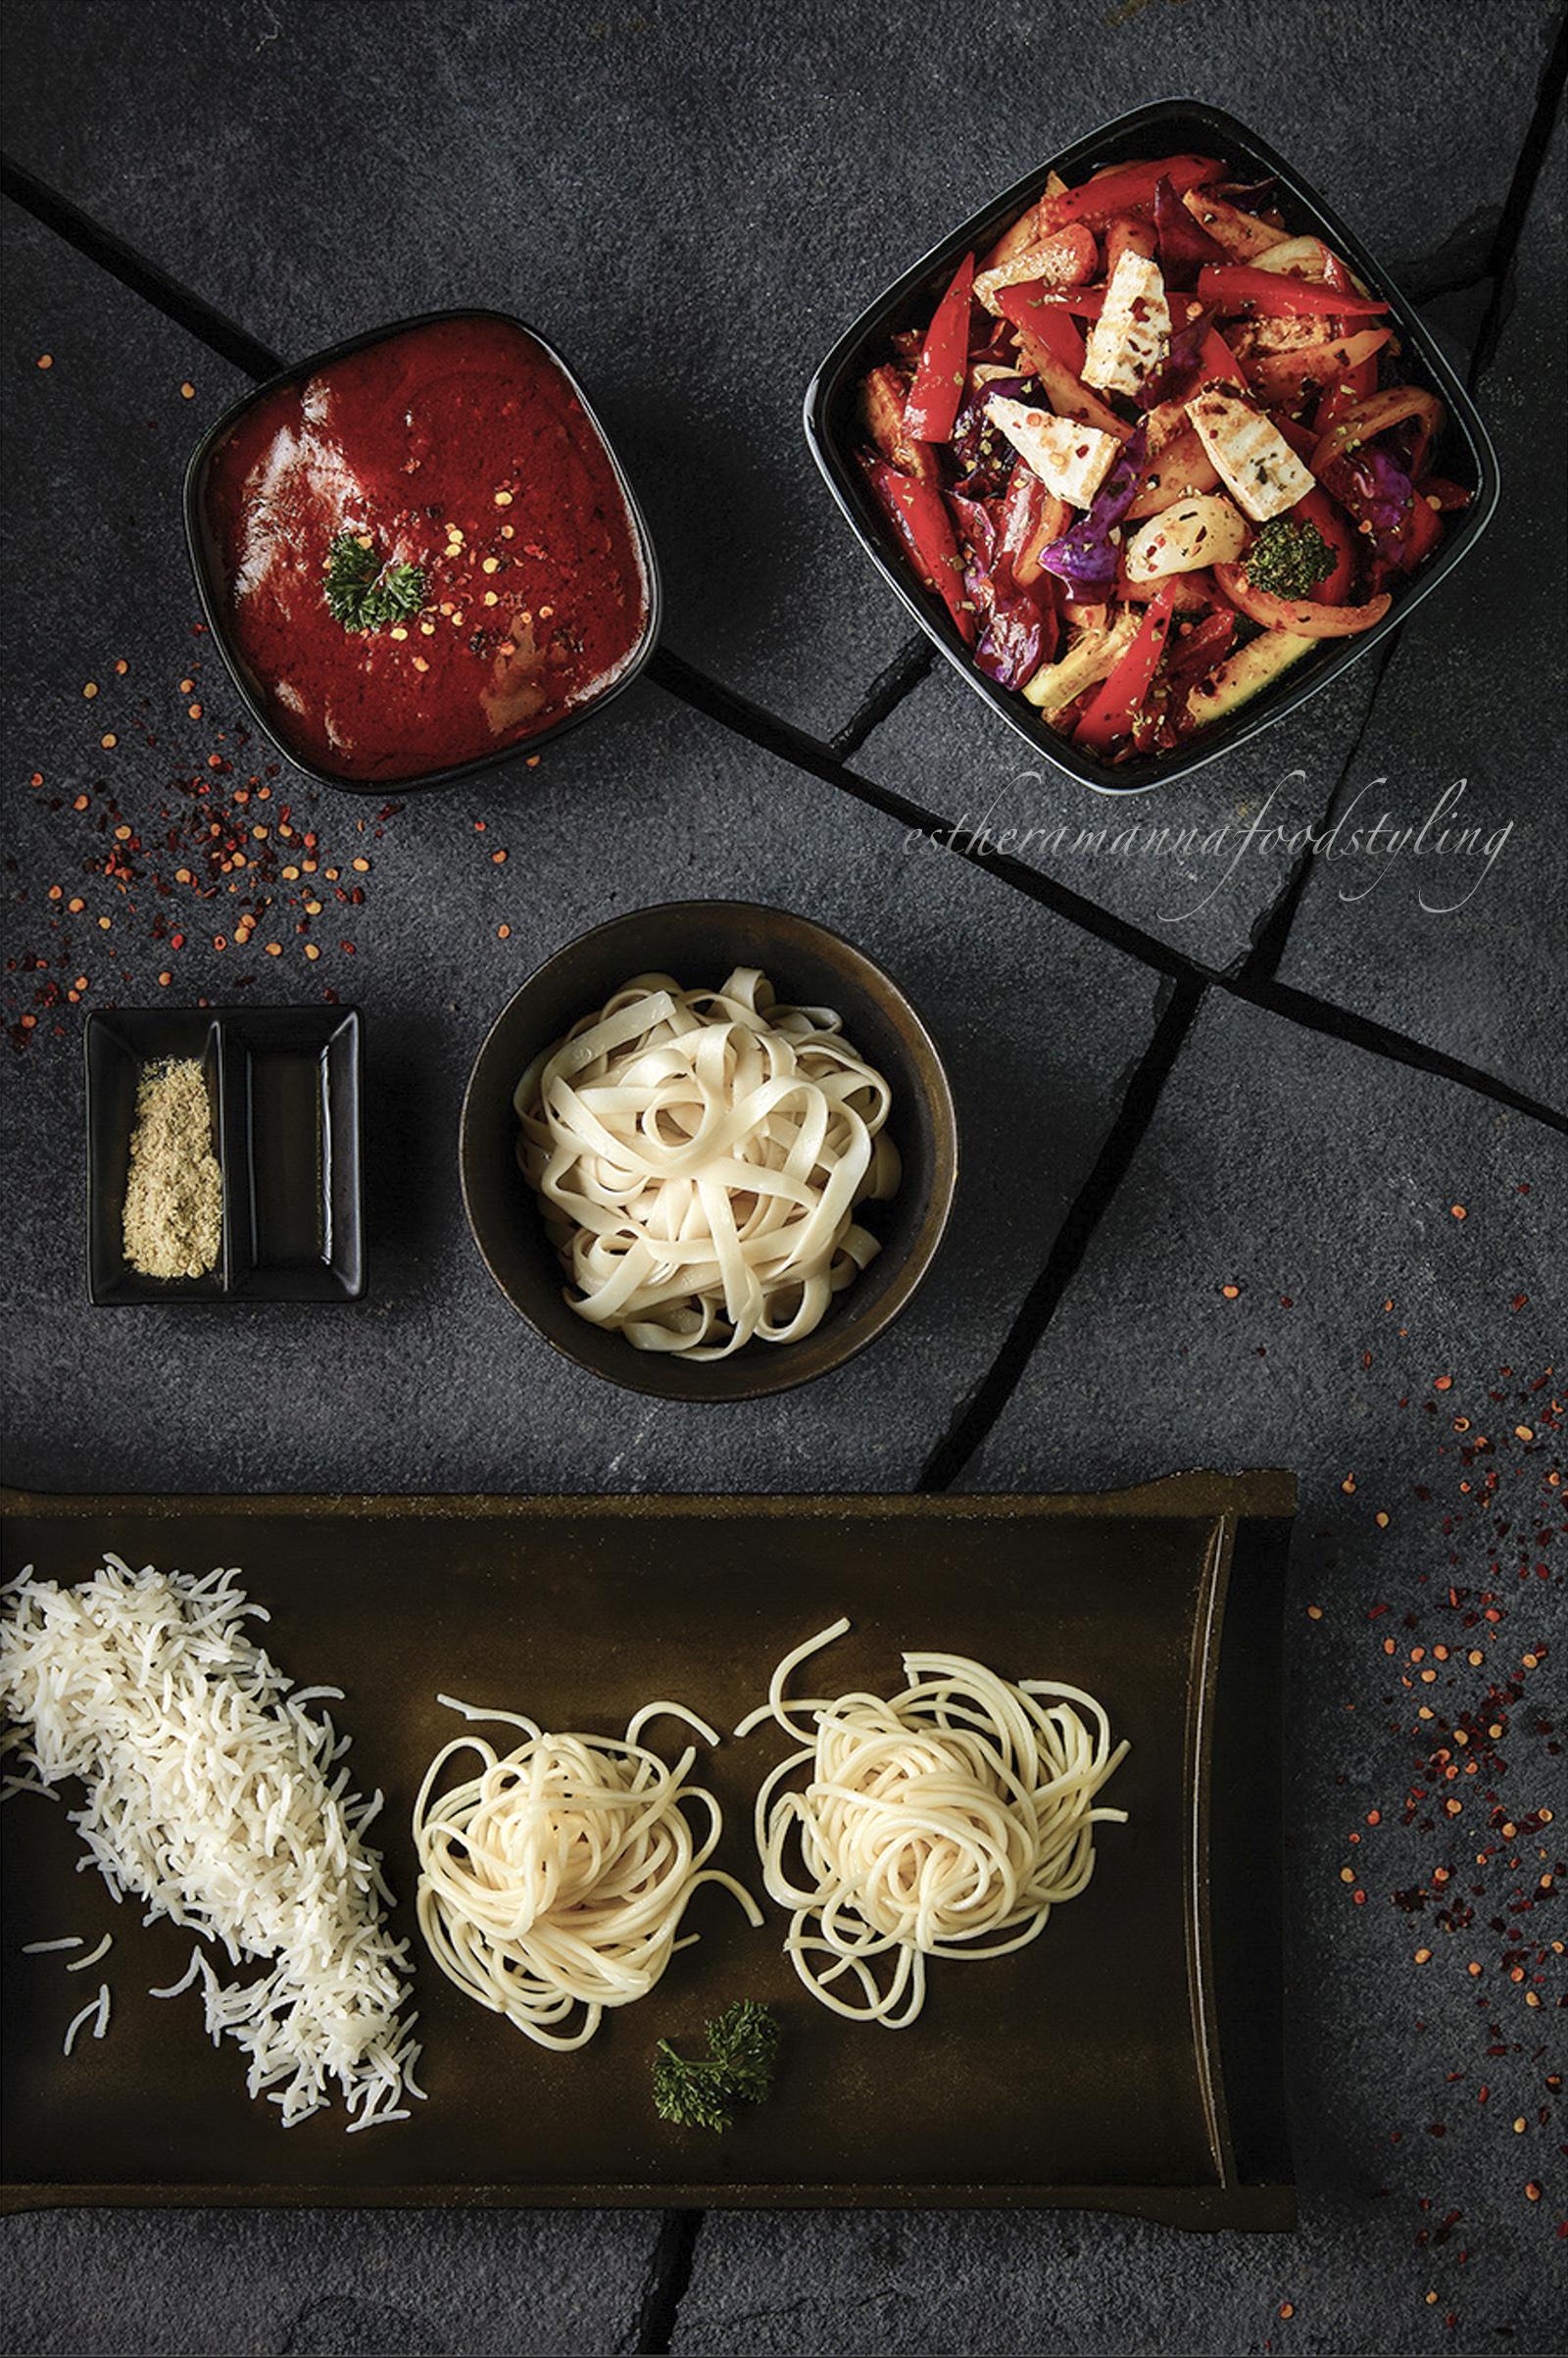 Stir fried vegetables and tofu with noodles Restaurant menu,foodstylist